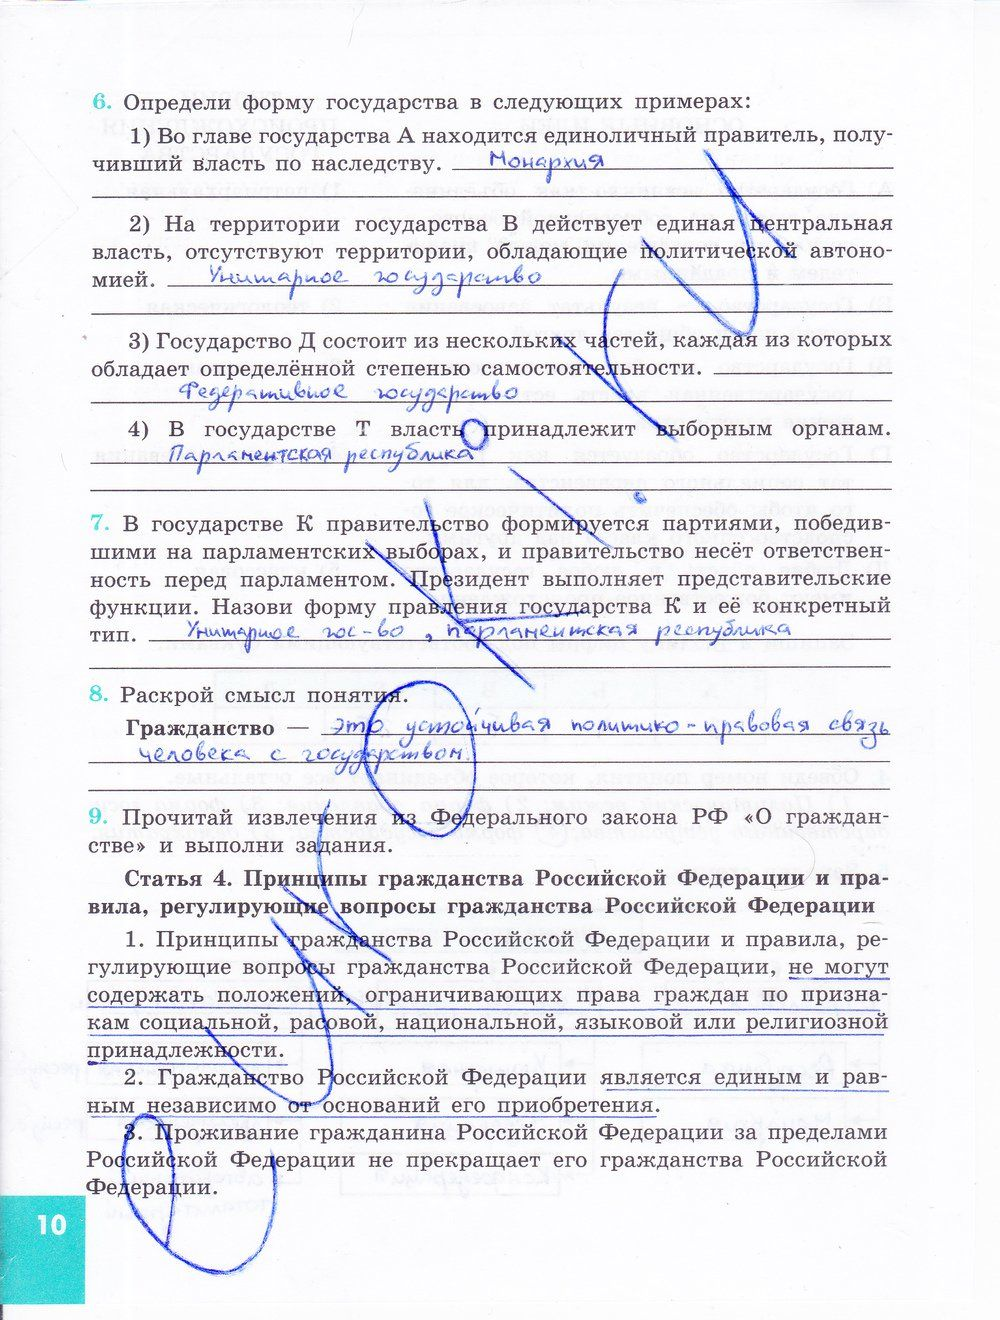 Ершова алгебра 10-11 класс гдз без смс и регистрации